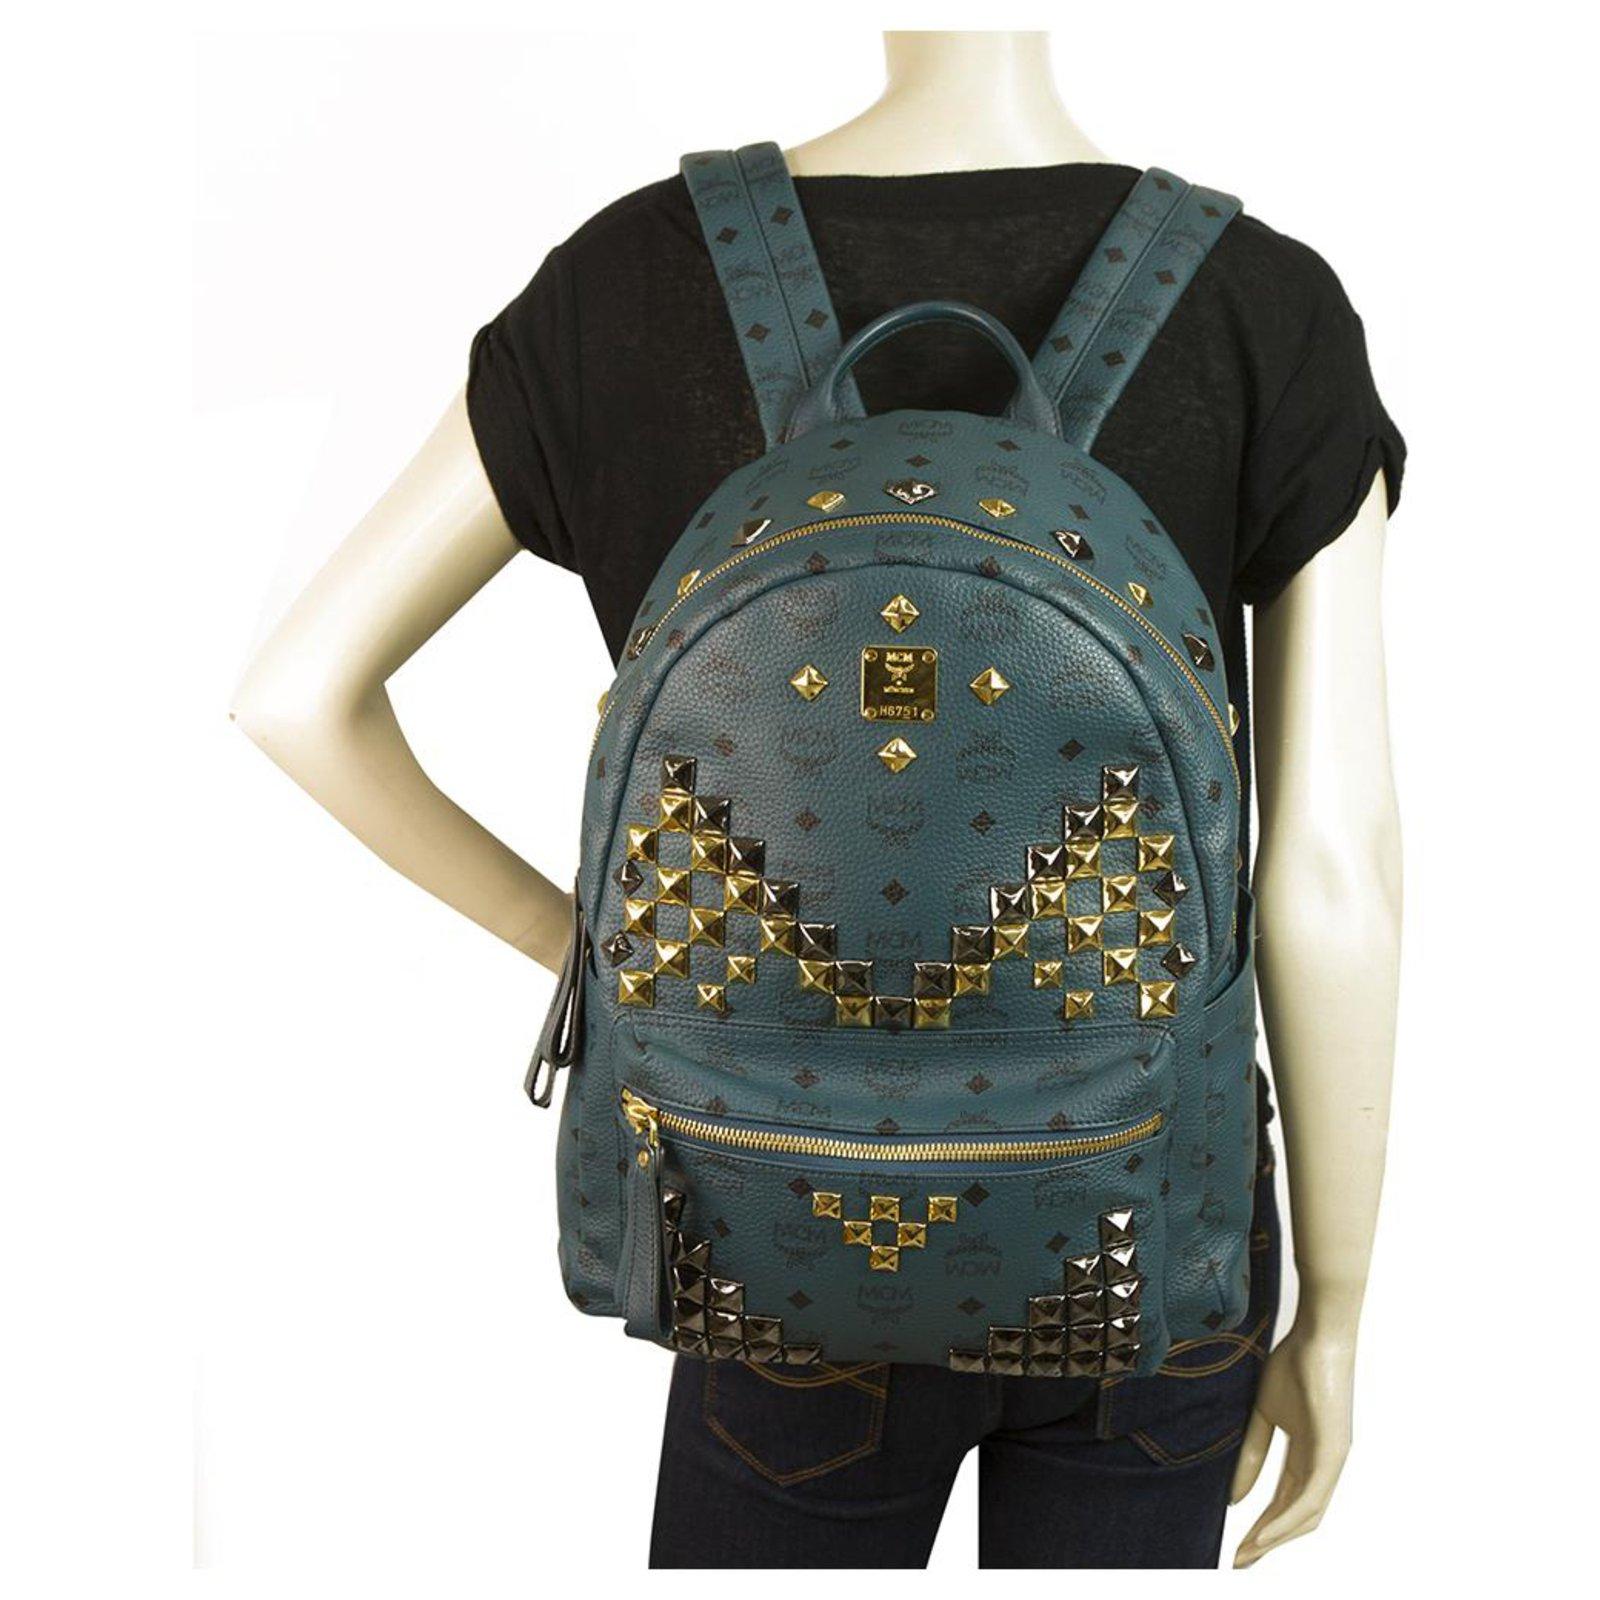 Mcm Mcm Large Stark Visetos Monogram Backpack Teal Blue Studded Backpacks Other Blue Ref 124884 Joli Closet